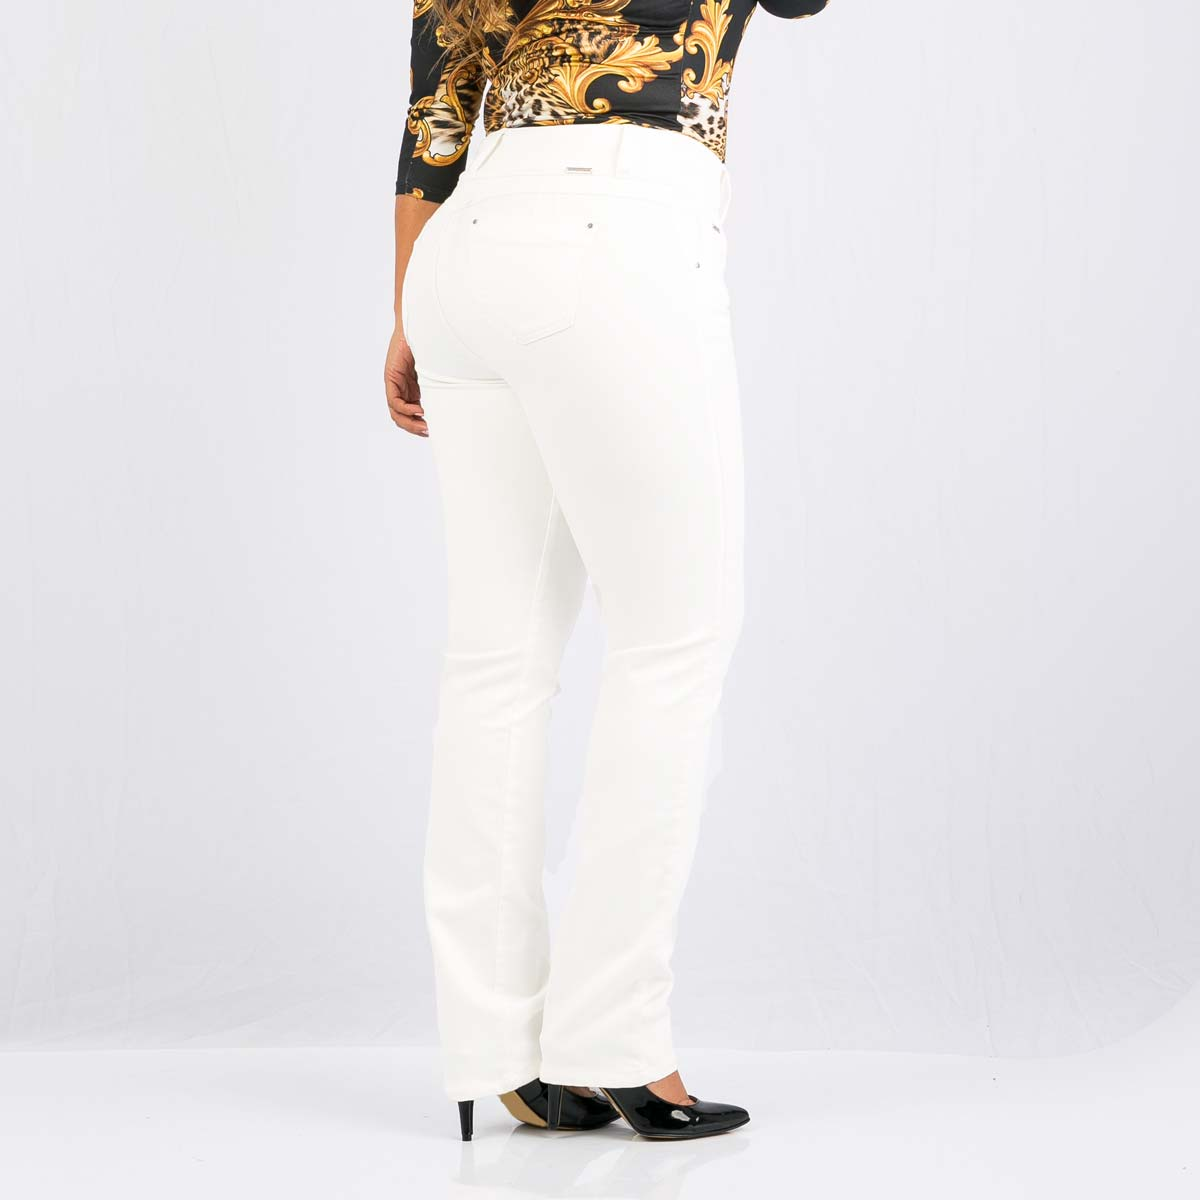 e5f1e00010 Pantalón-blanco-bota-recta-para-mujeres característica